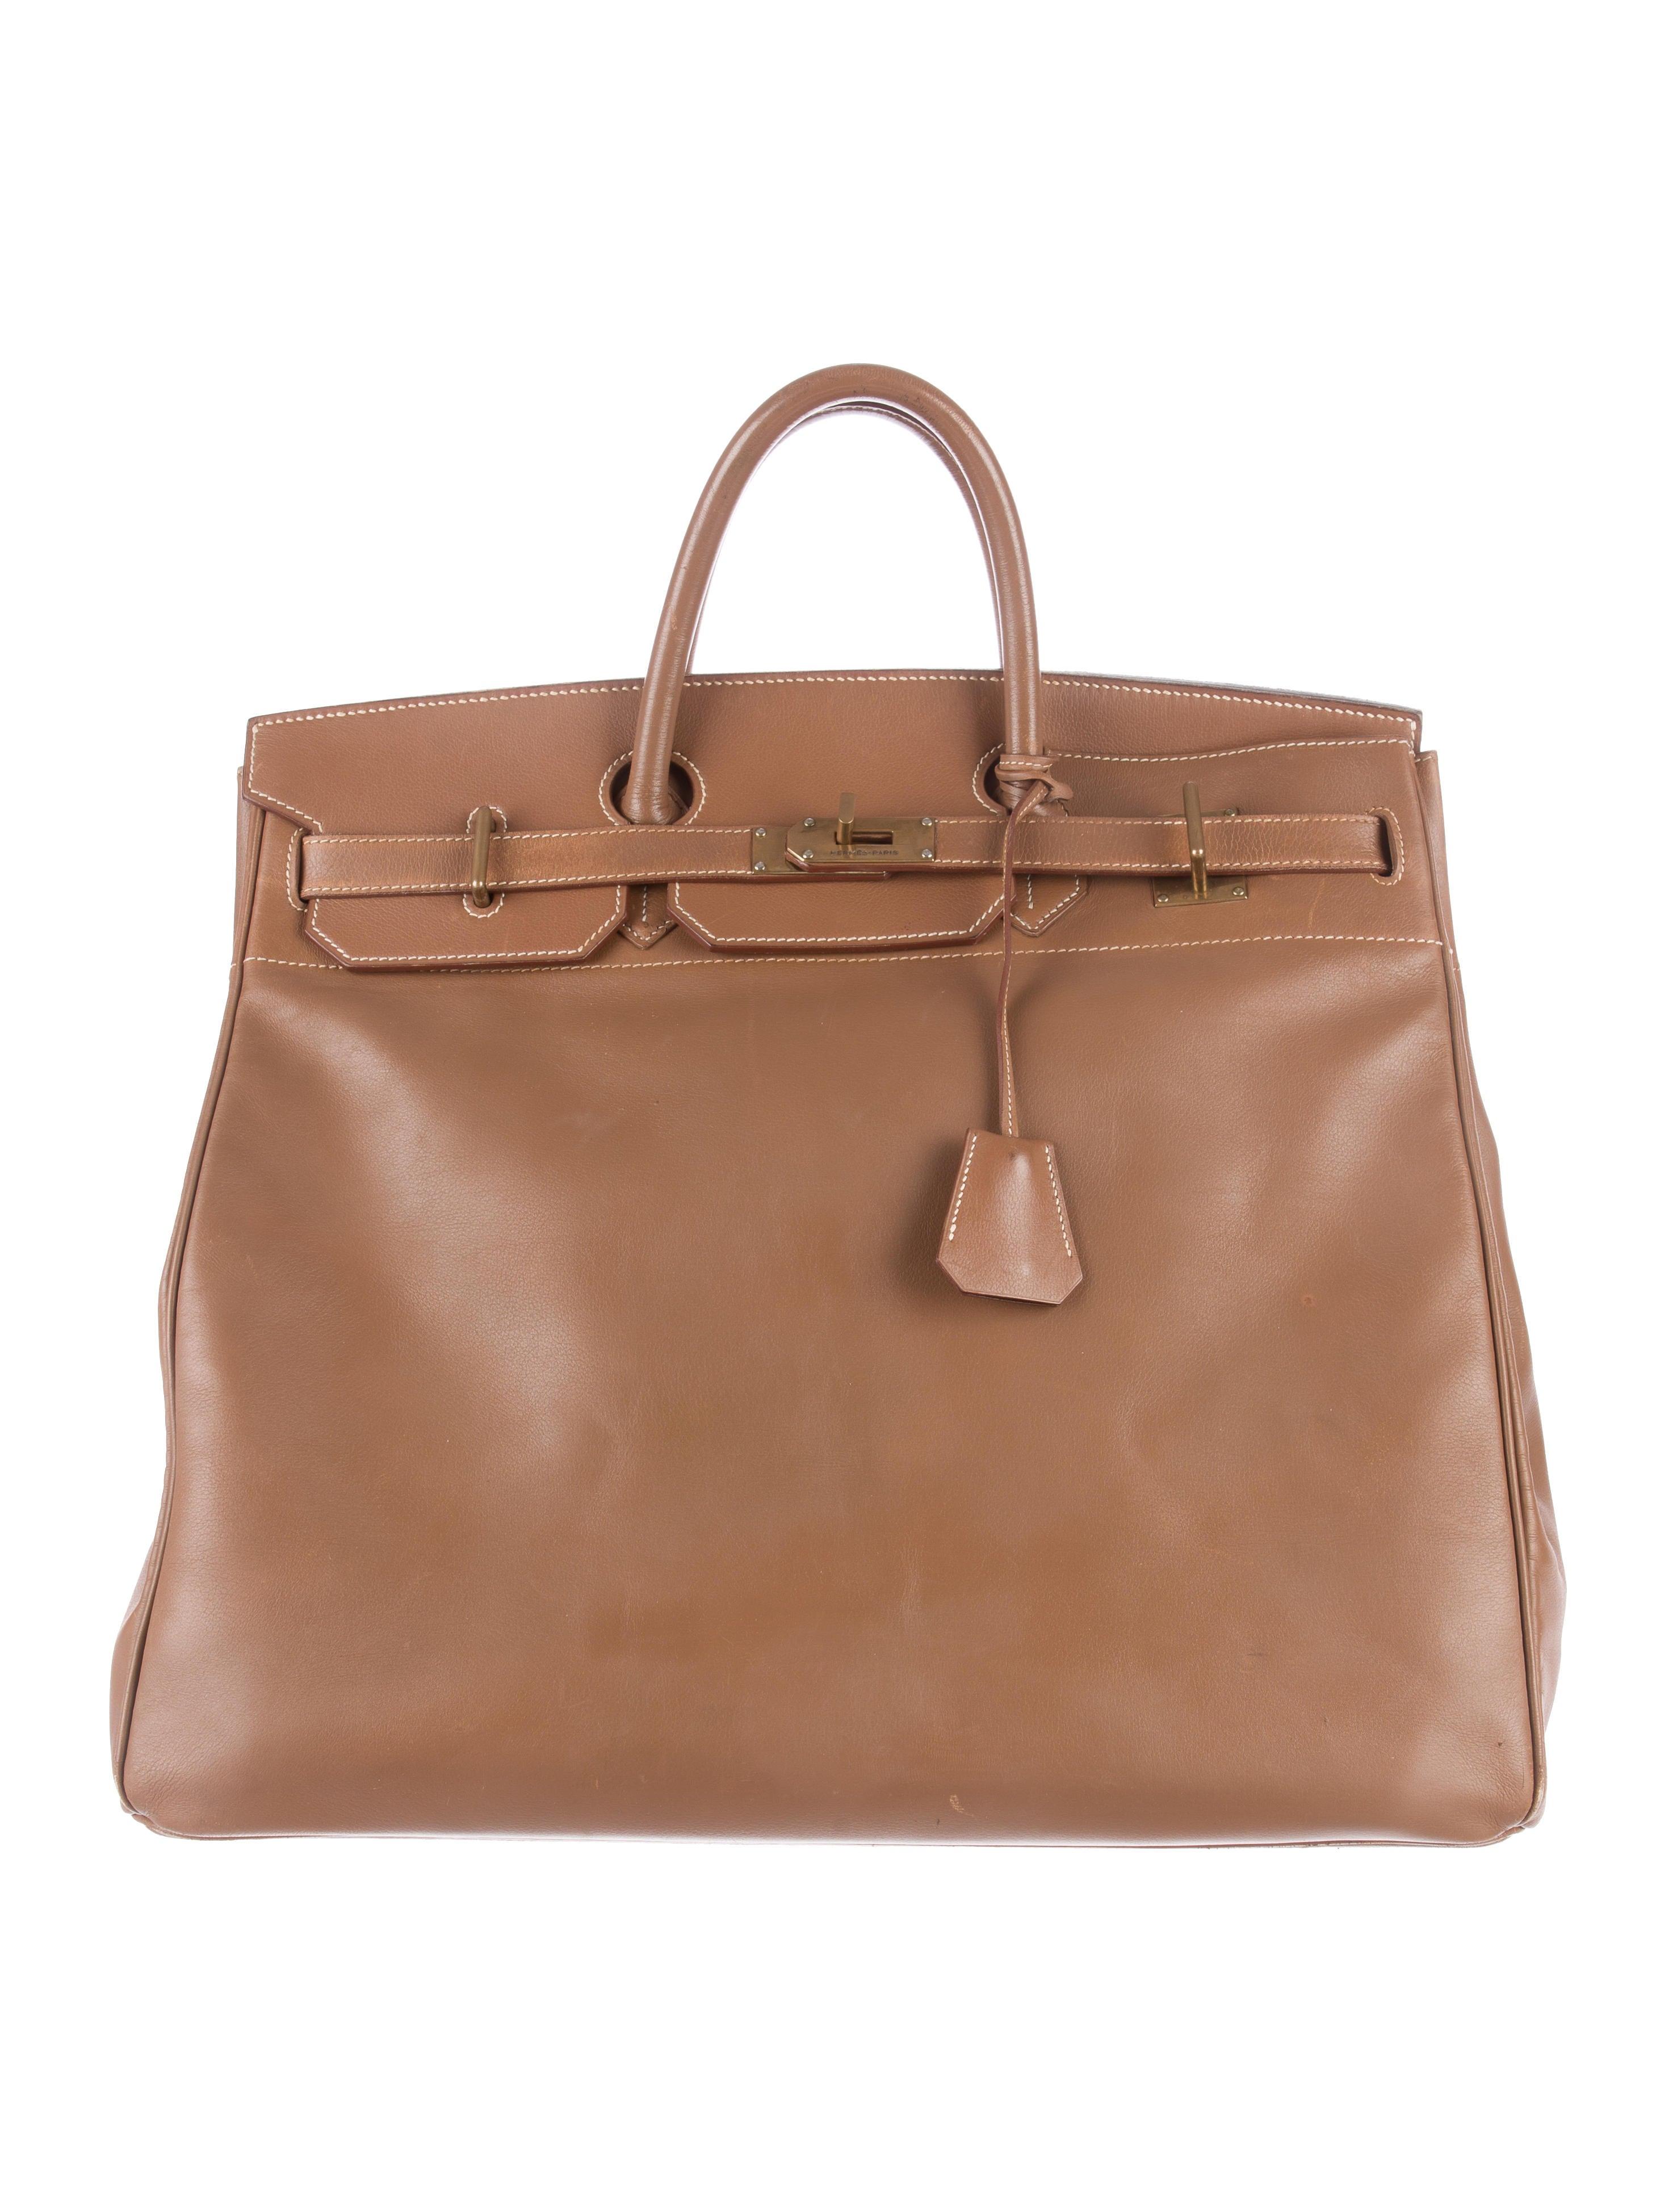 6be63651f4b Hermès HAC Birkin 45 - Handbags - HER64268